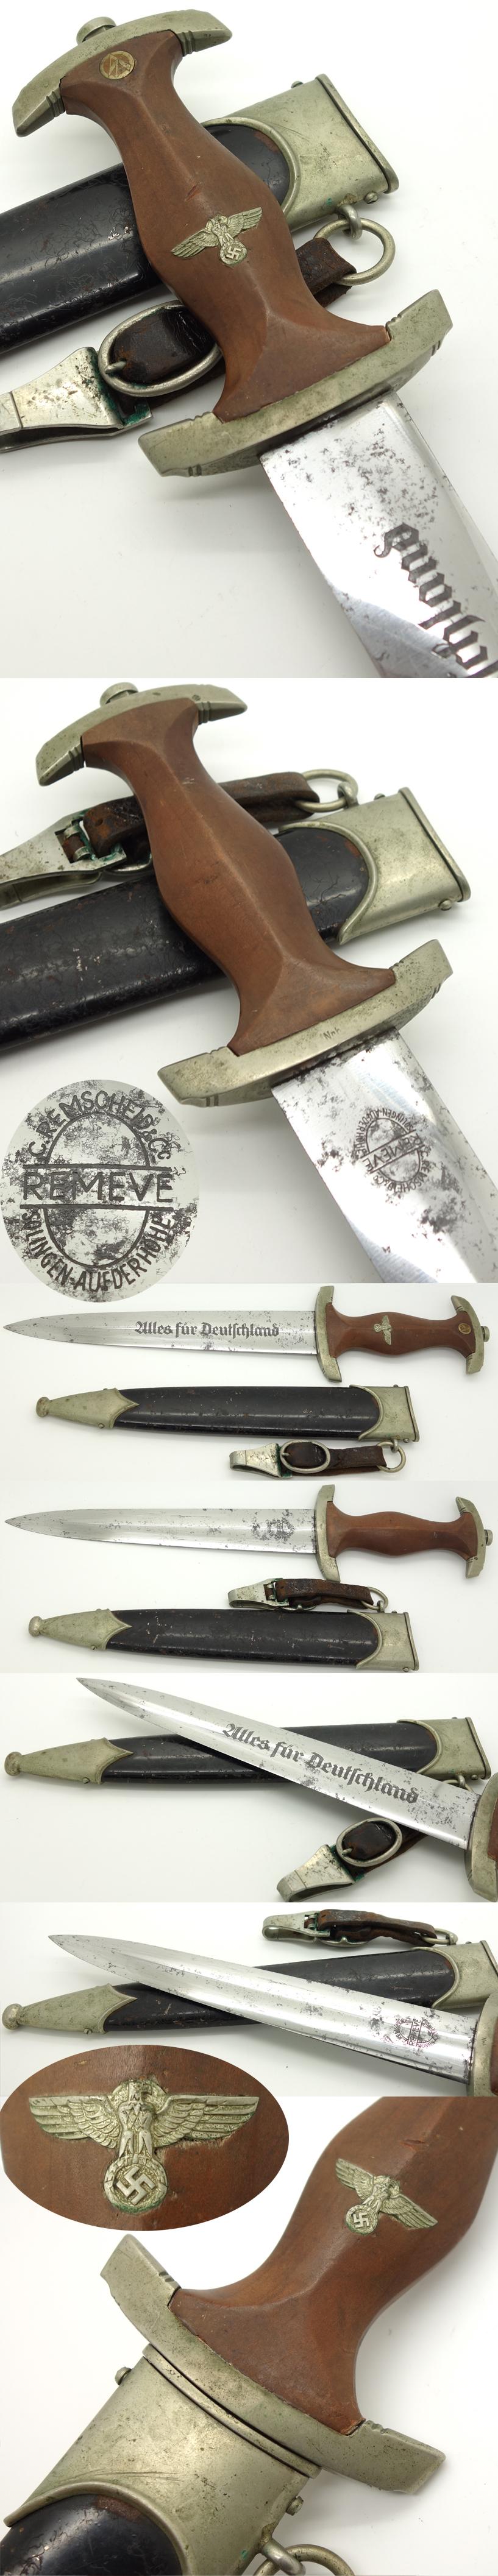 Early NSKK Dagger by REMEVE